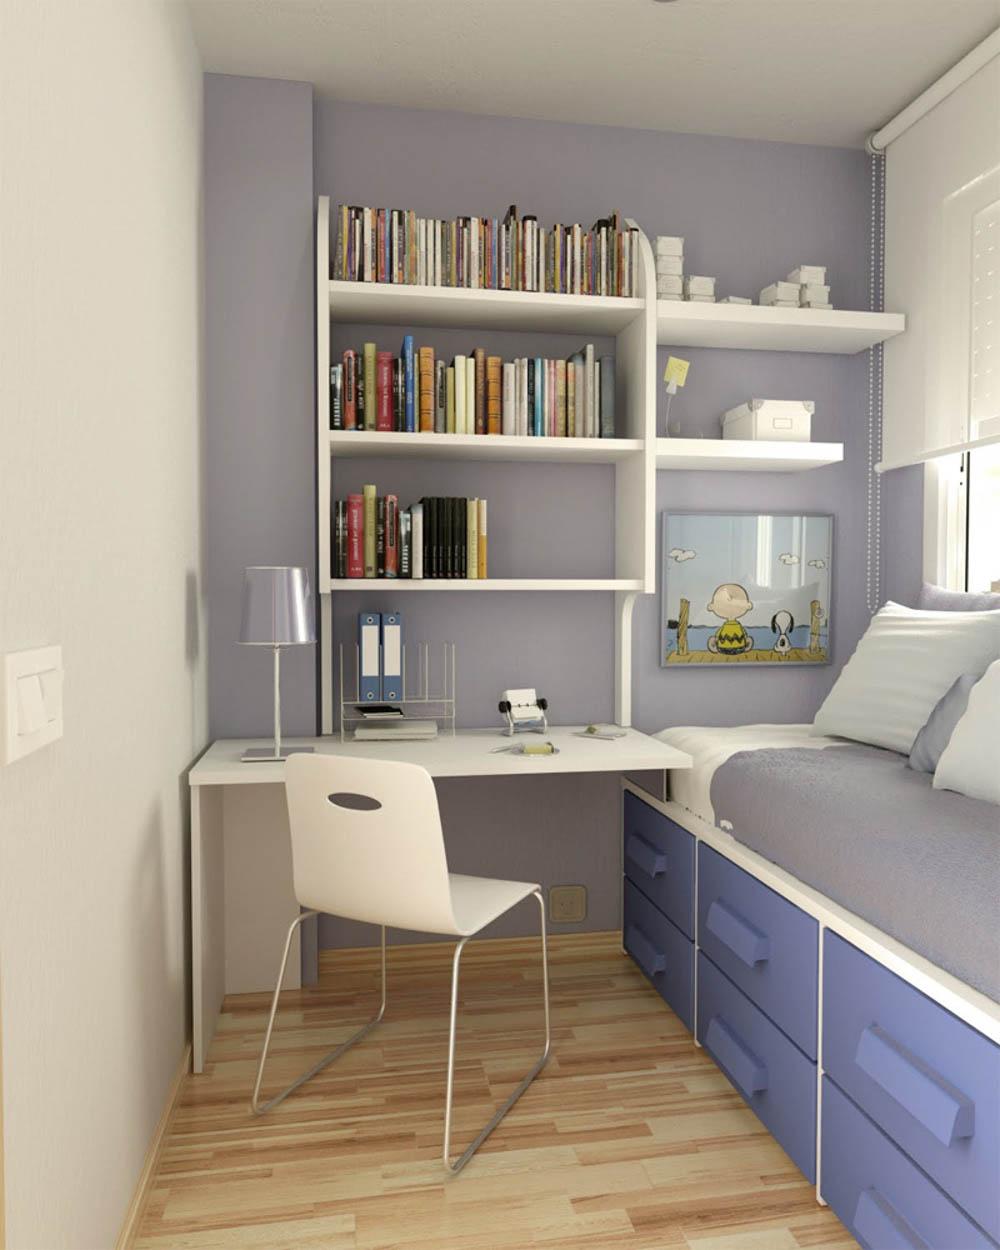 Tư vấn cải tạo căn hộ 60m² hợp phong thủy 7